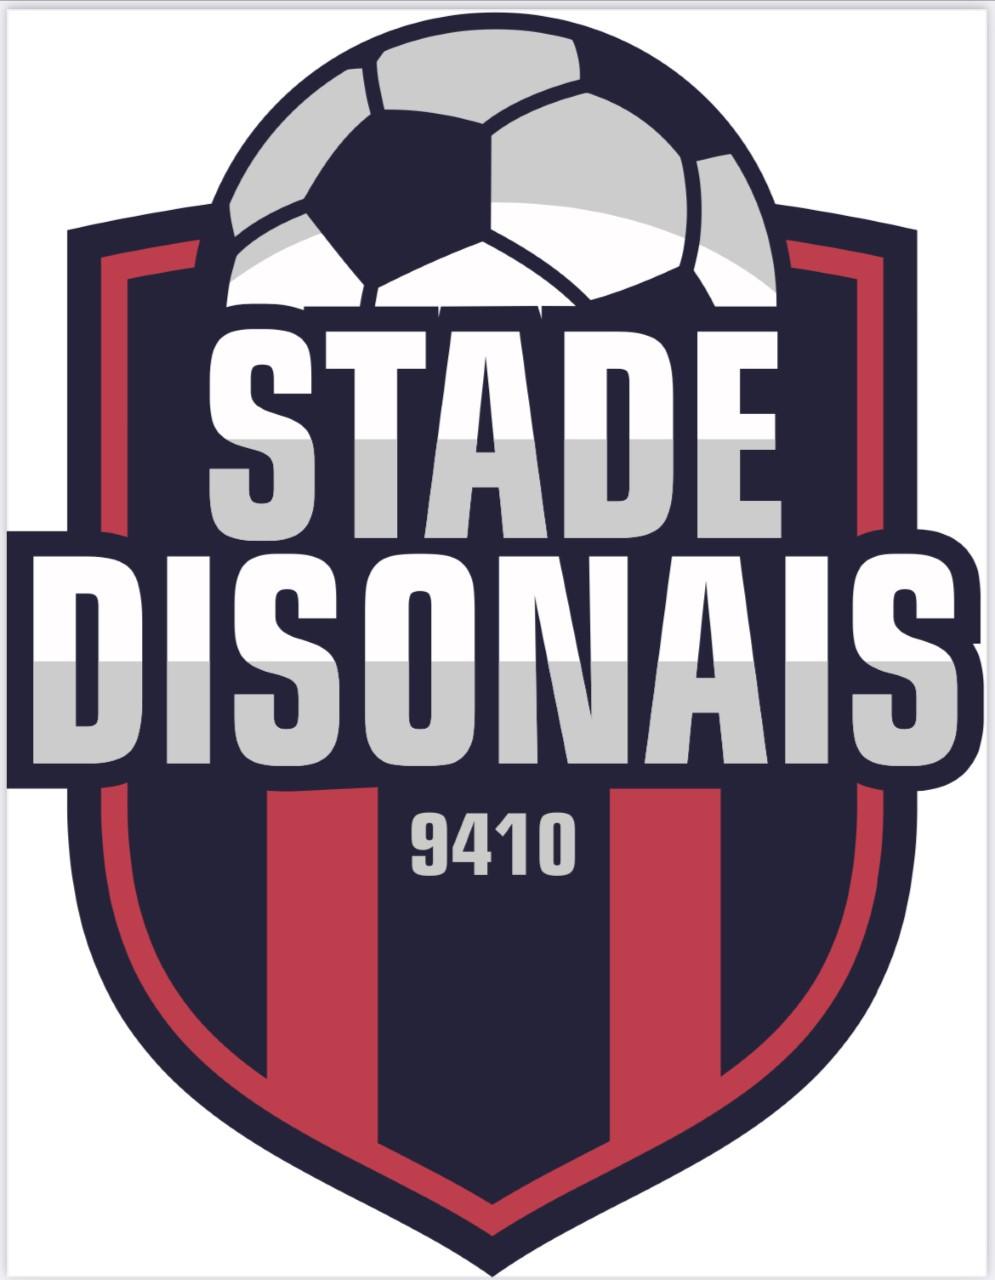 1 - Stade Disonais A